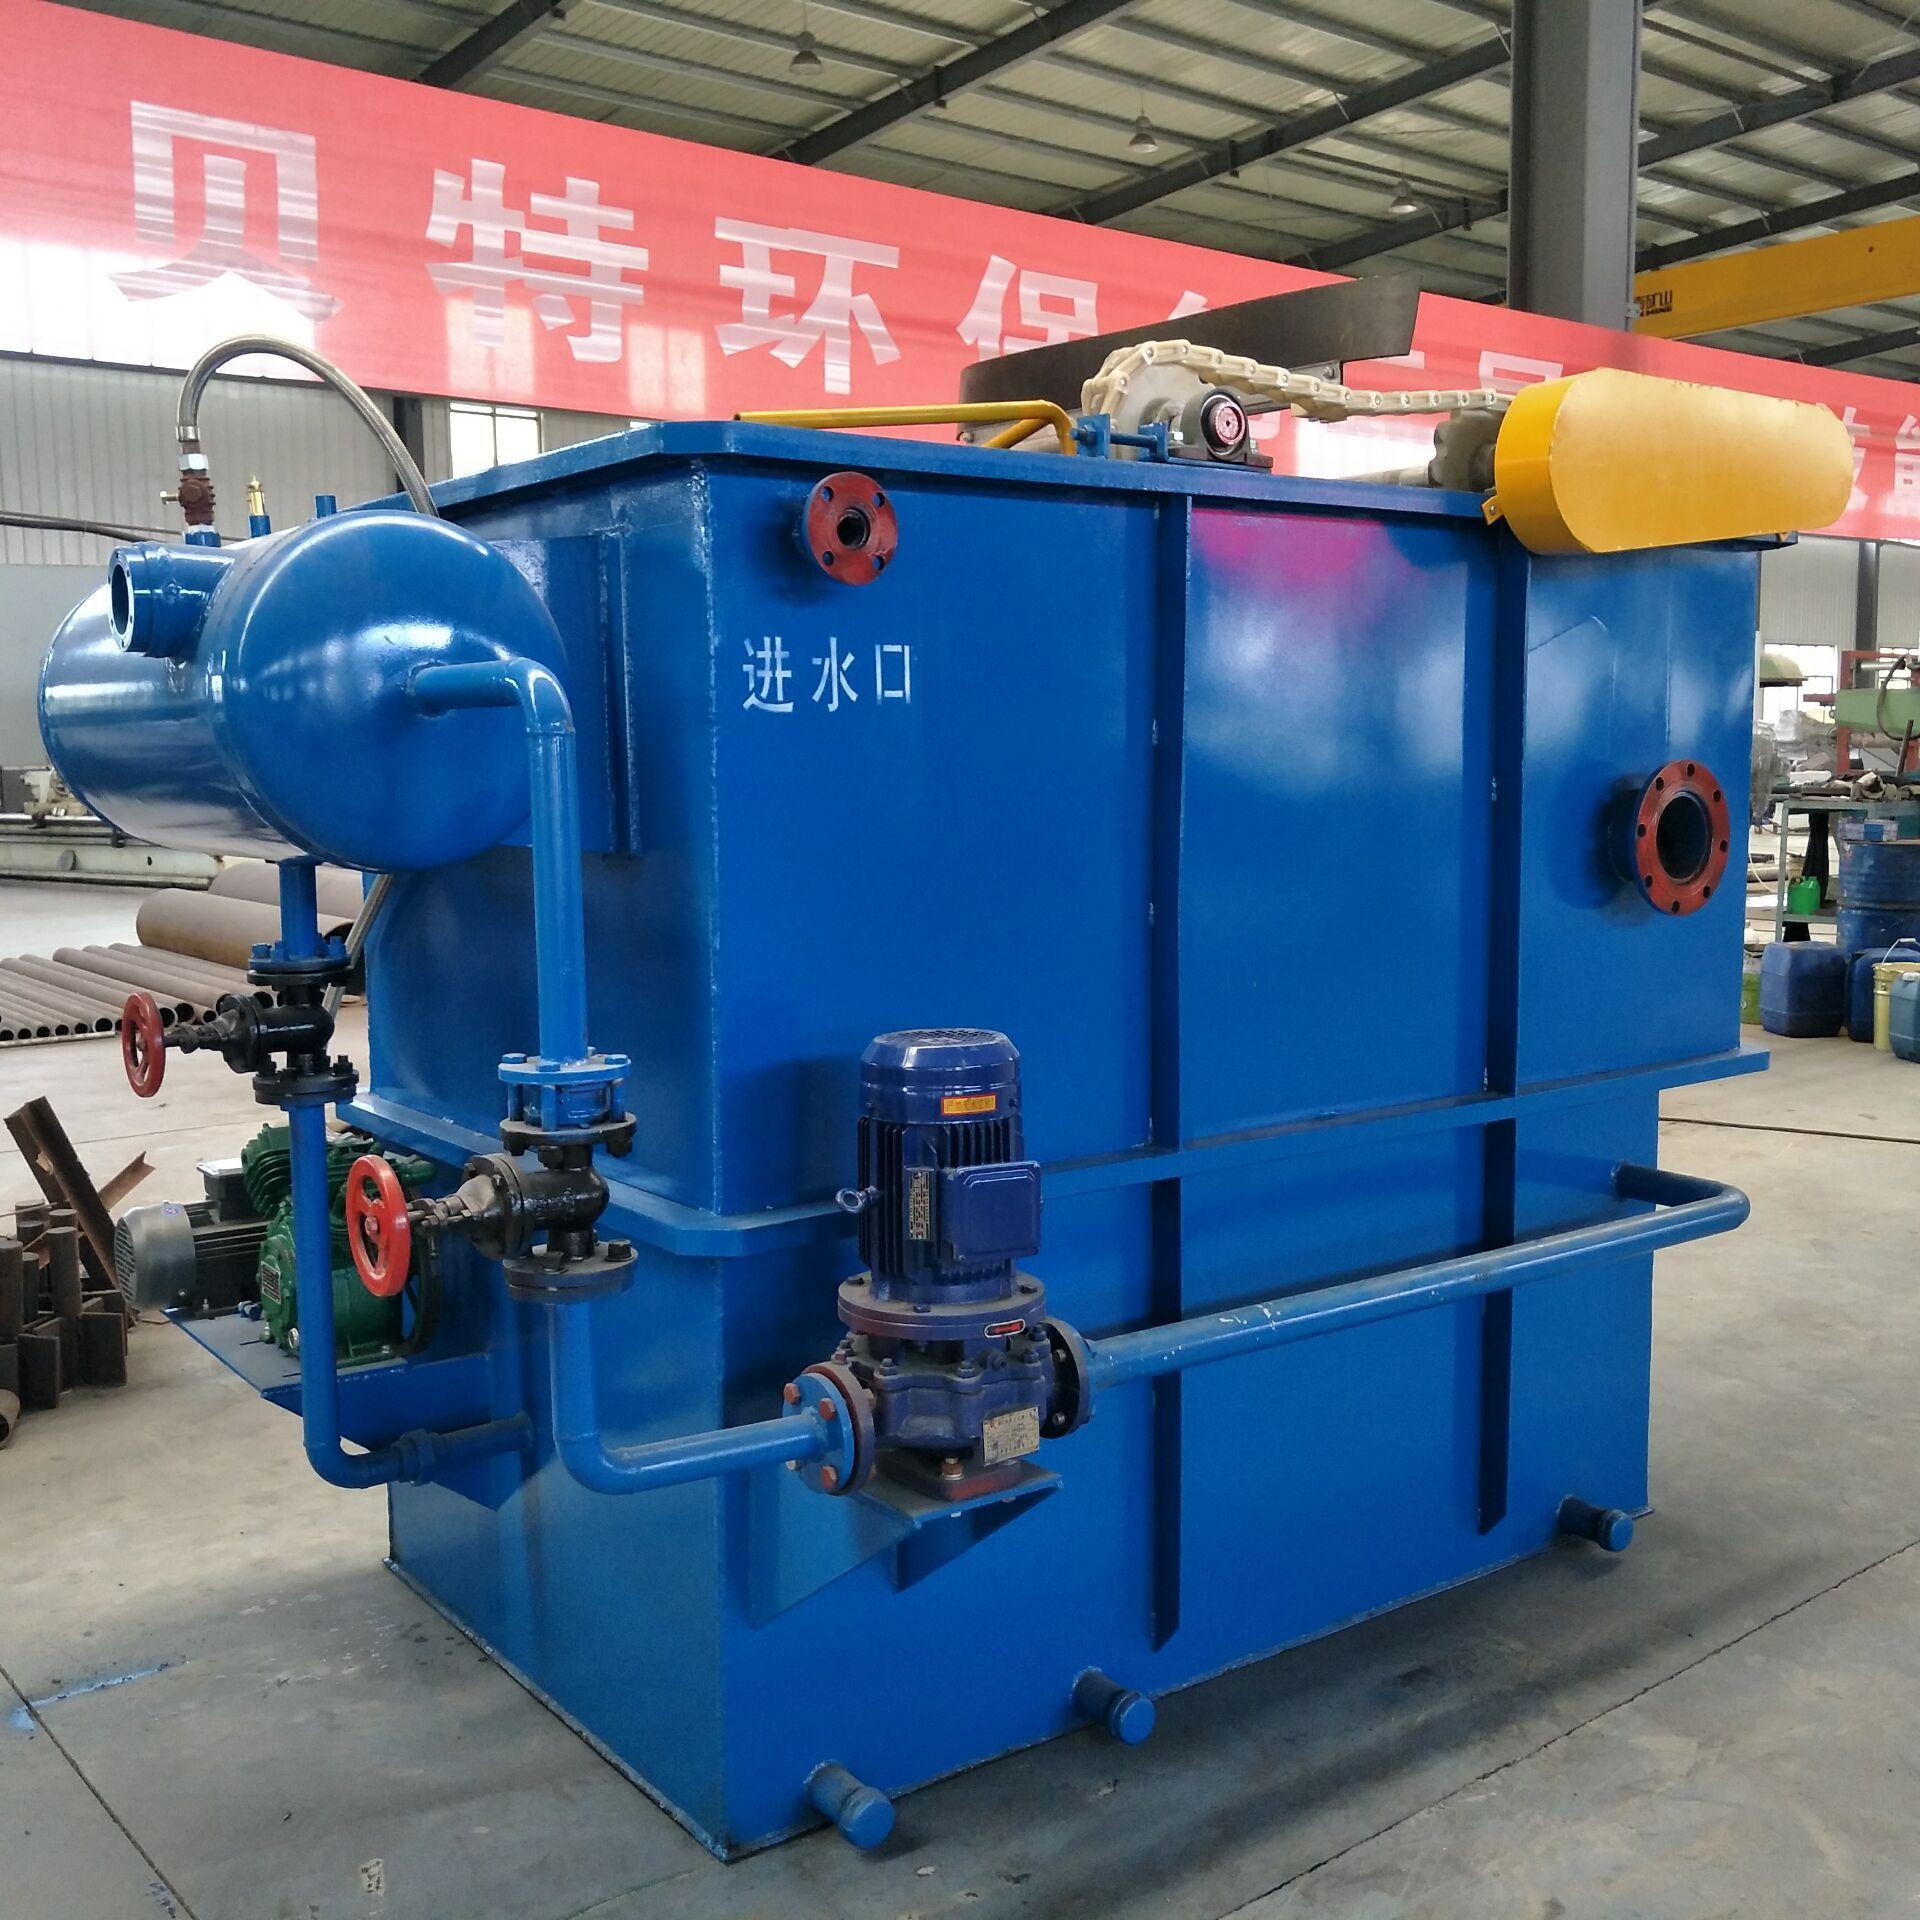 中科贝特定制洗车厂循环水处理设备全自动气浮机出水达标质优价廉YW